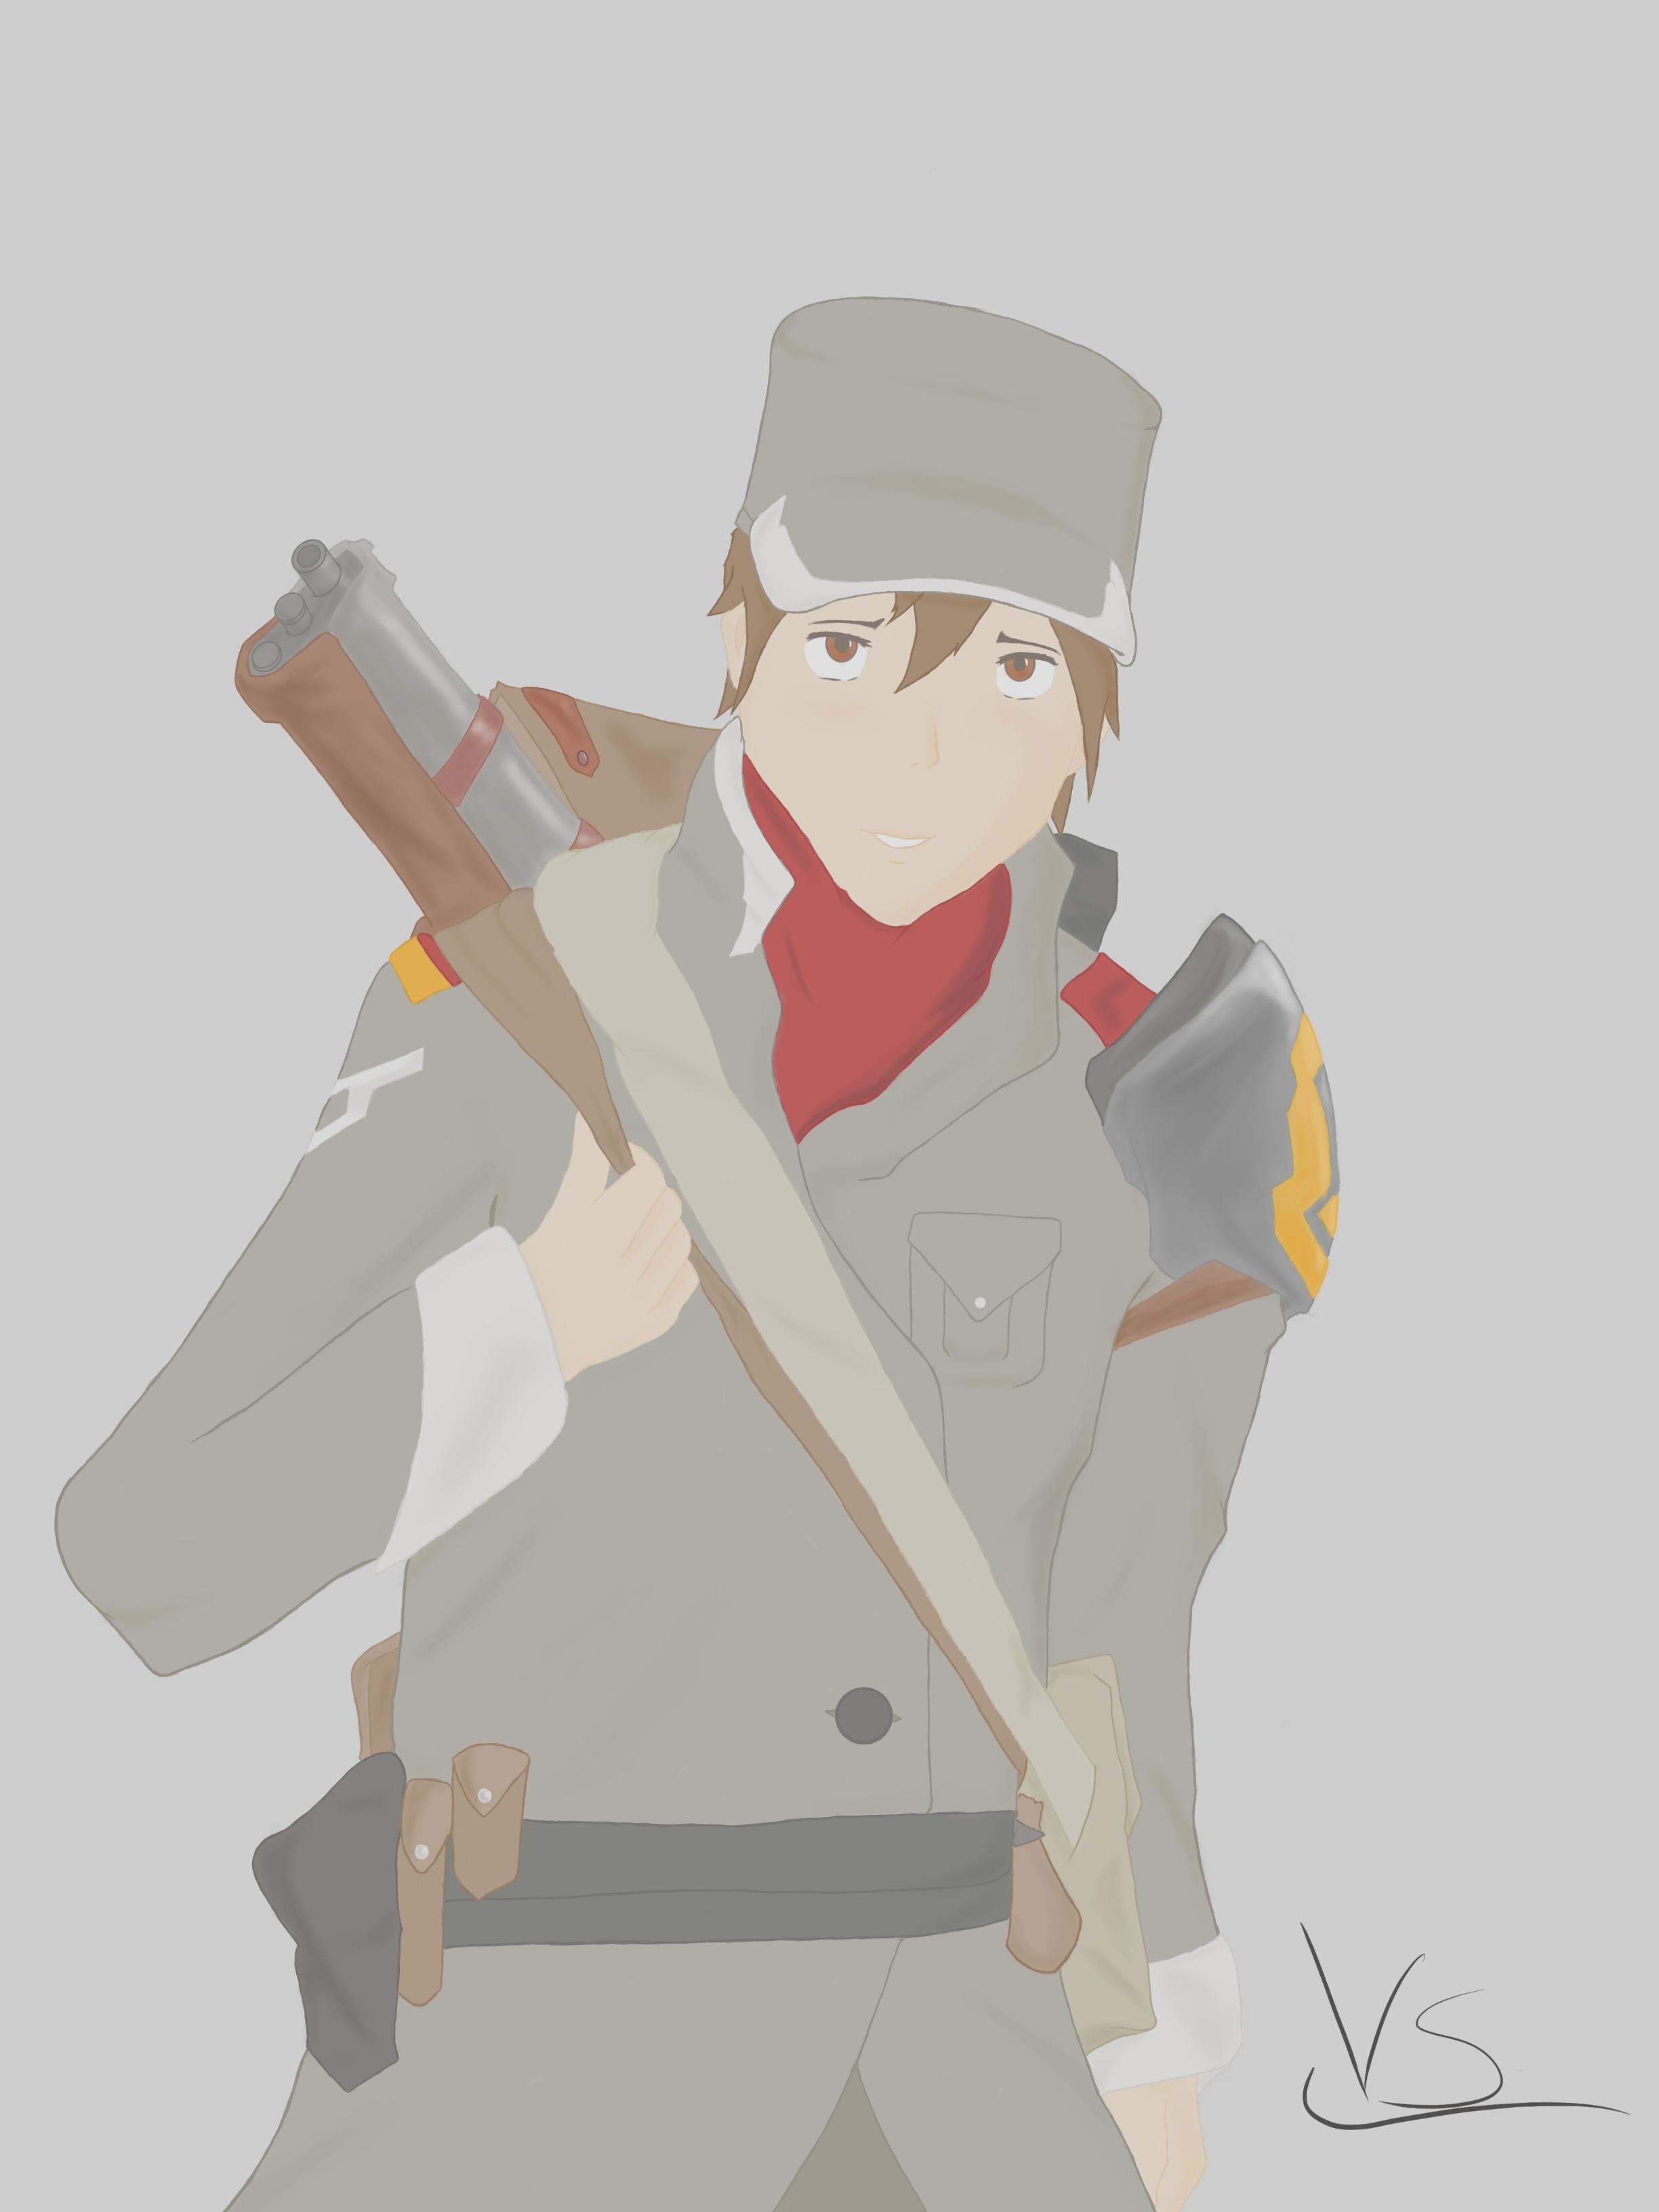 Little Soldier Boy